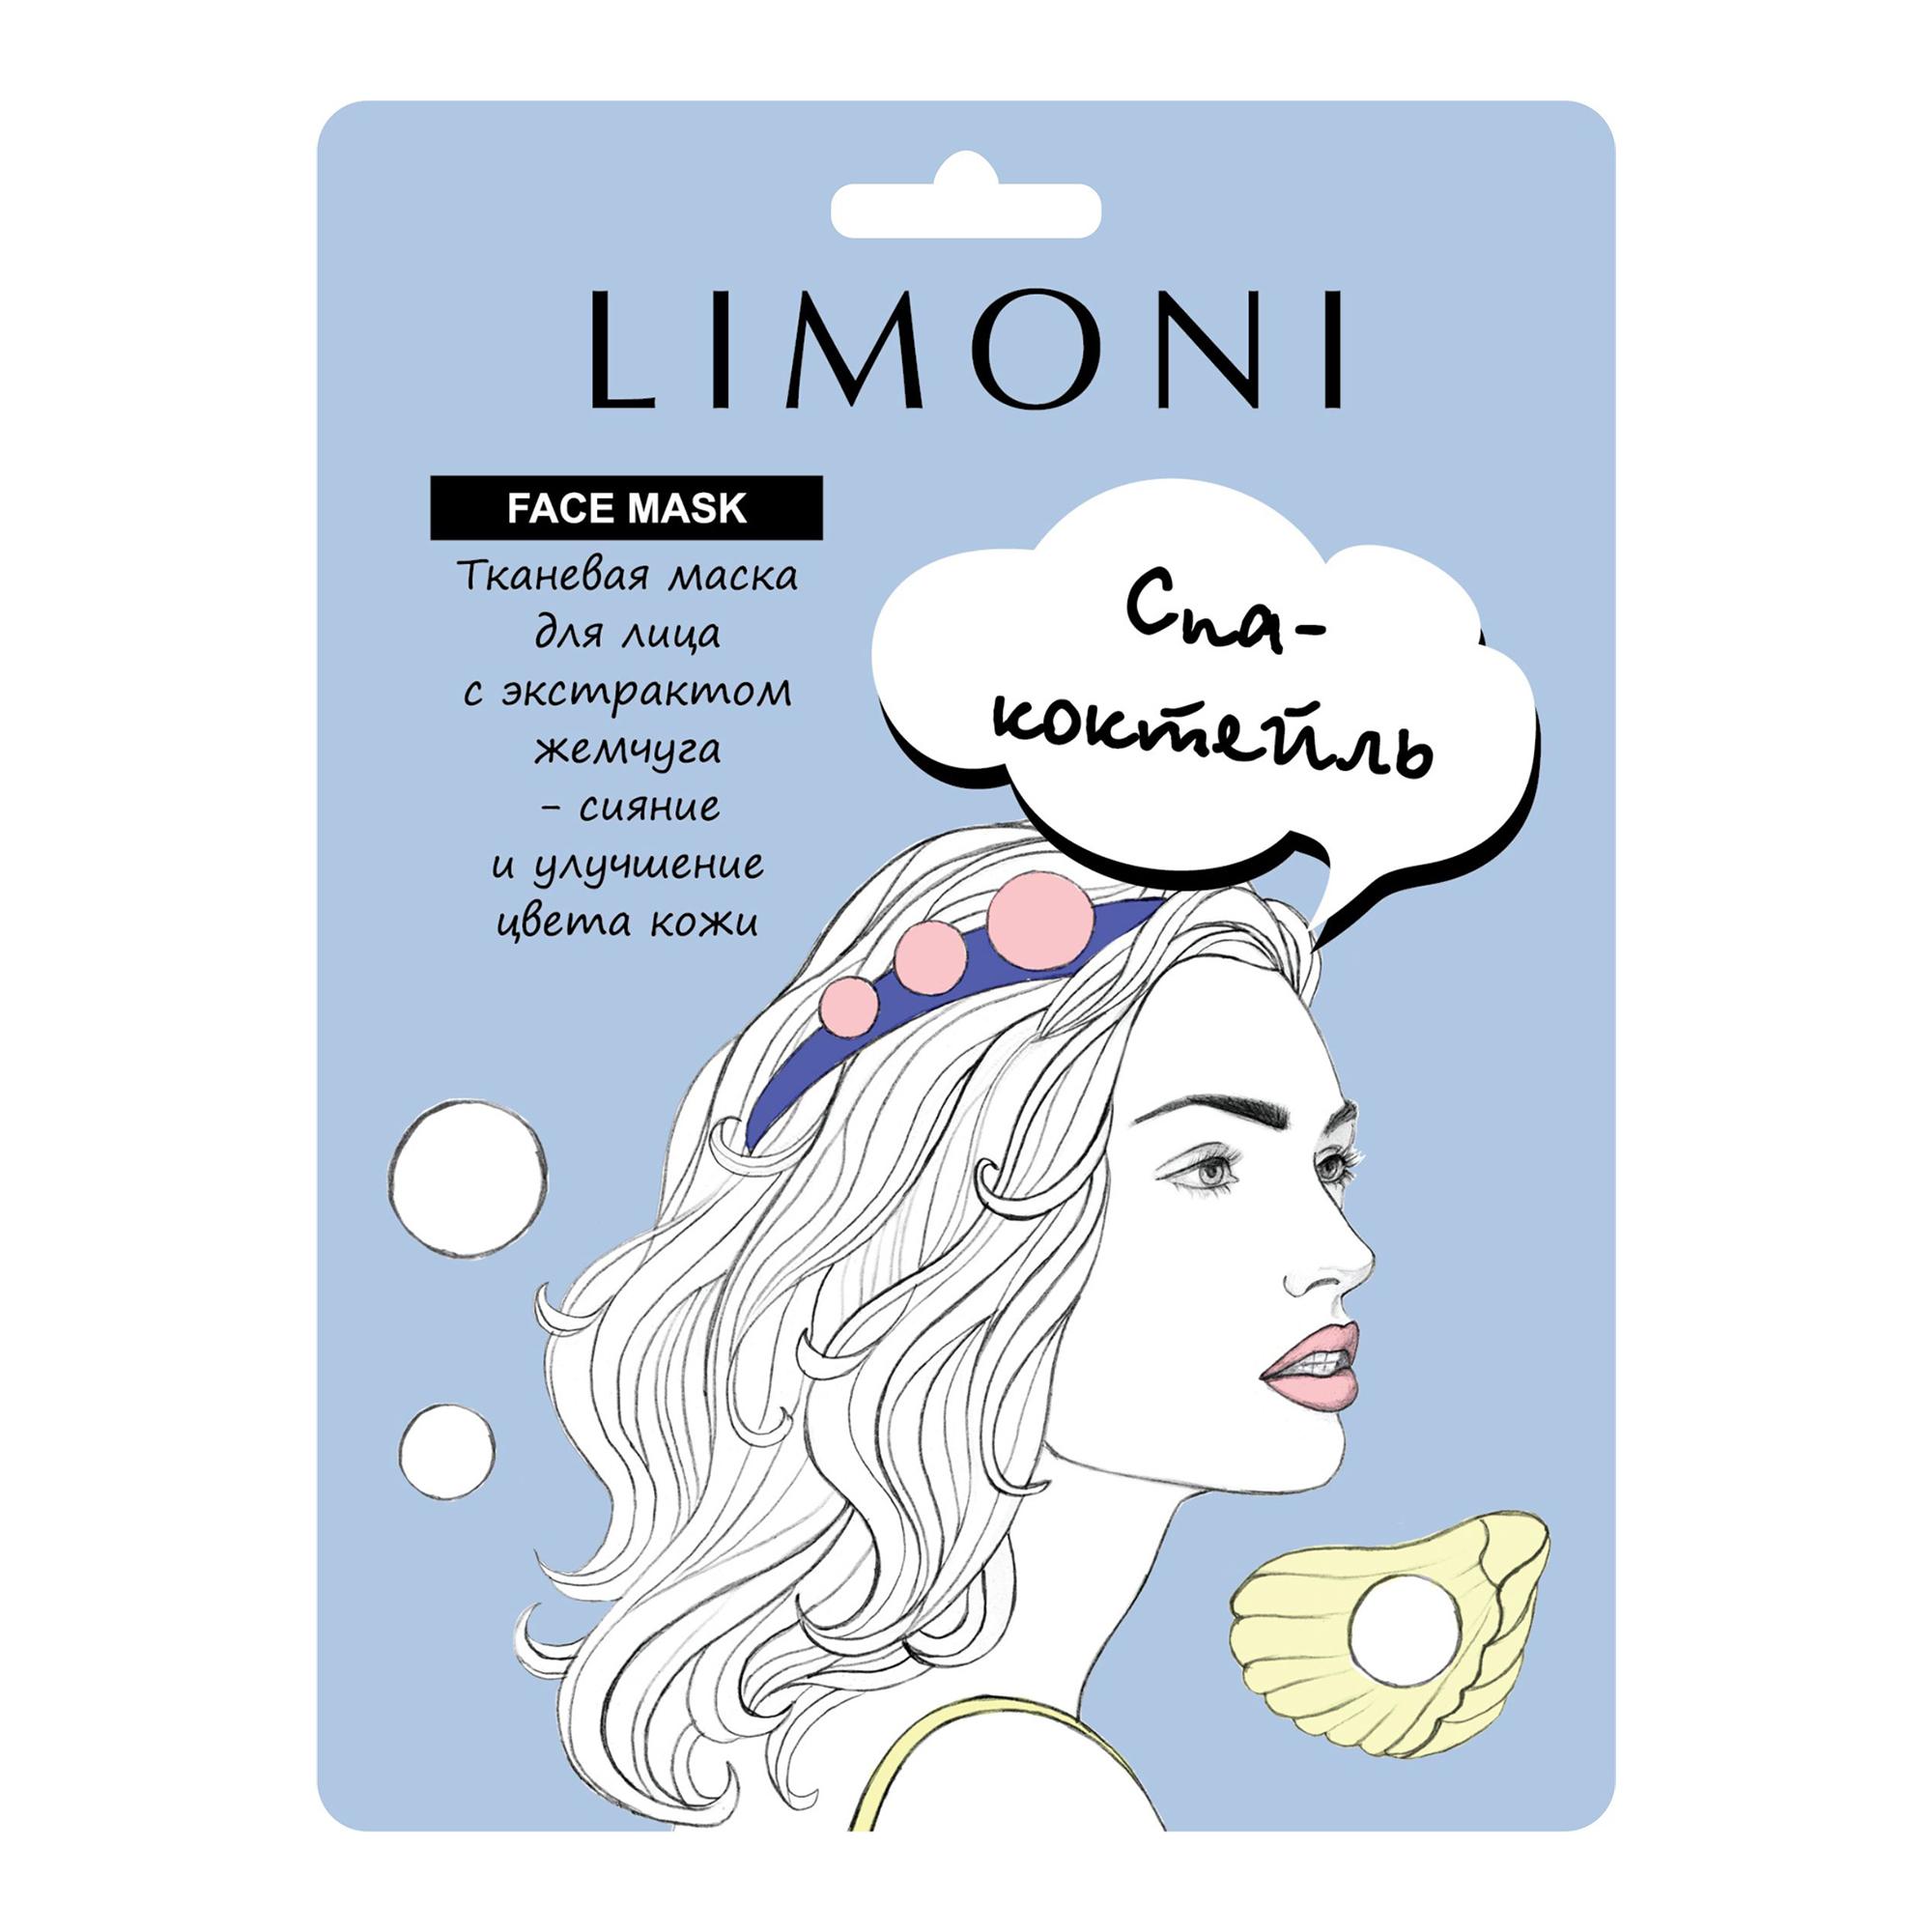 LIMONI Маска для лица осветляющая с экстрактом жемчуга Sheet mask with pearl extract / SHEET MASK 20грМаски<br>Тканевая маска с экстрактом жемчуга, придает яркость и сияние тусклой коже. Пропитана высоконцентрированной эссенцией, помогающей улучшить текстуру кожи. Экстракт жемчуга обеспечивает яркость и сияние для потемневшей и тусклой кожи, выравнивает цвет лица и осветляет пигментацию, повышает упругость и тонус кожи.<br><br>Назначение: Пигментация